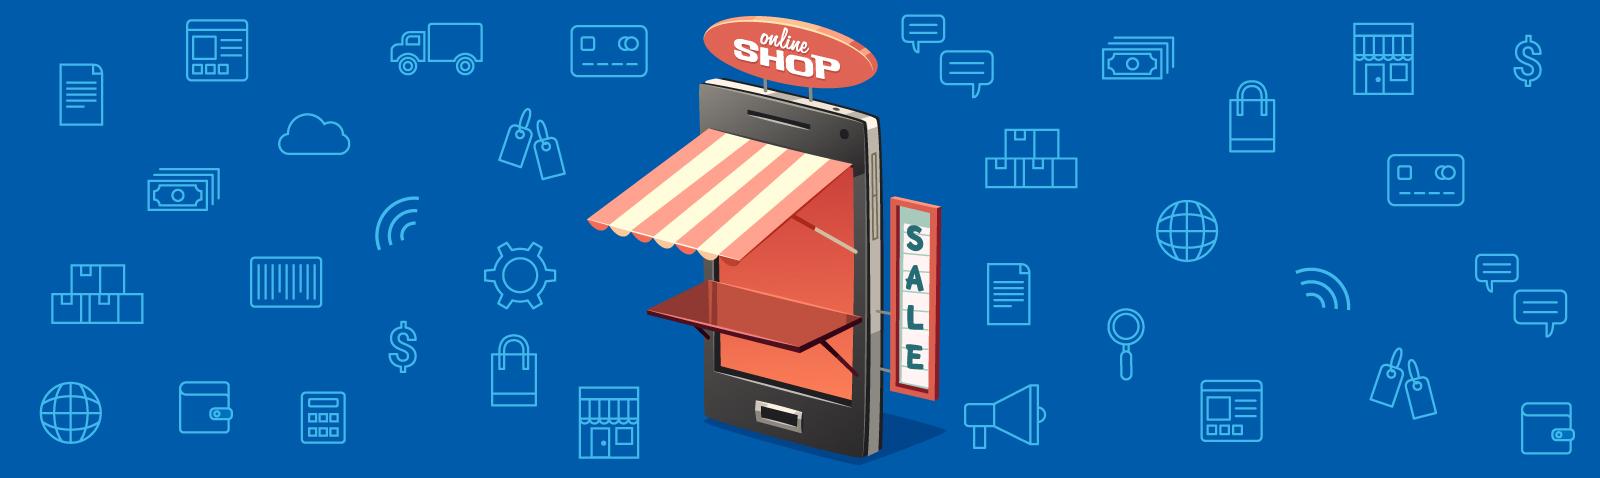 Los celulares transformaron el retail